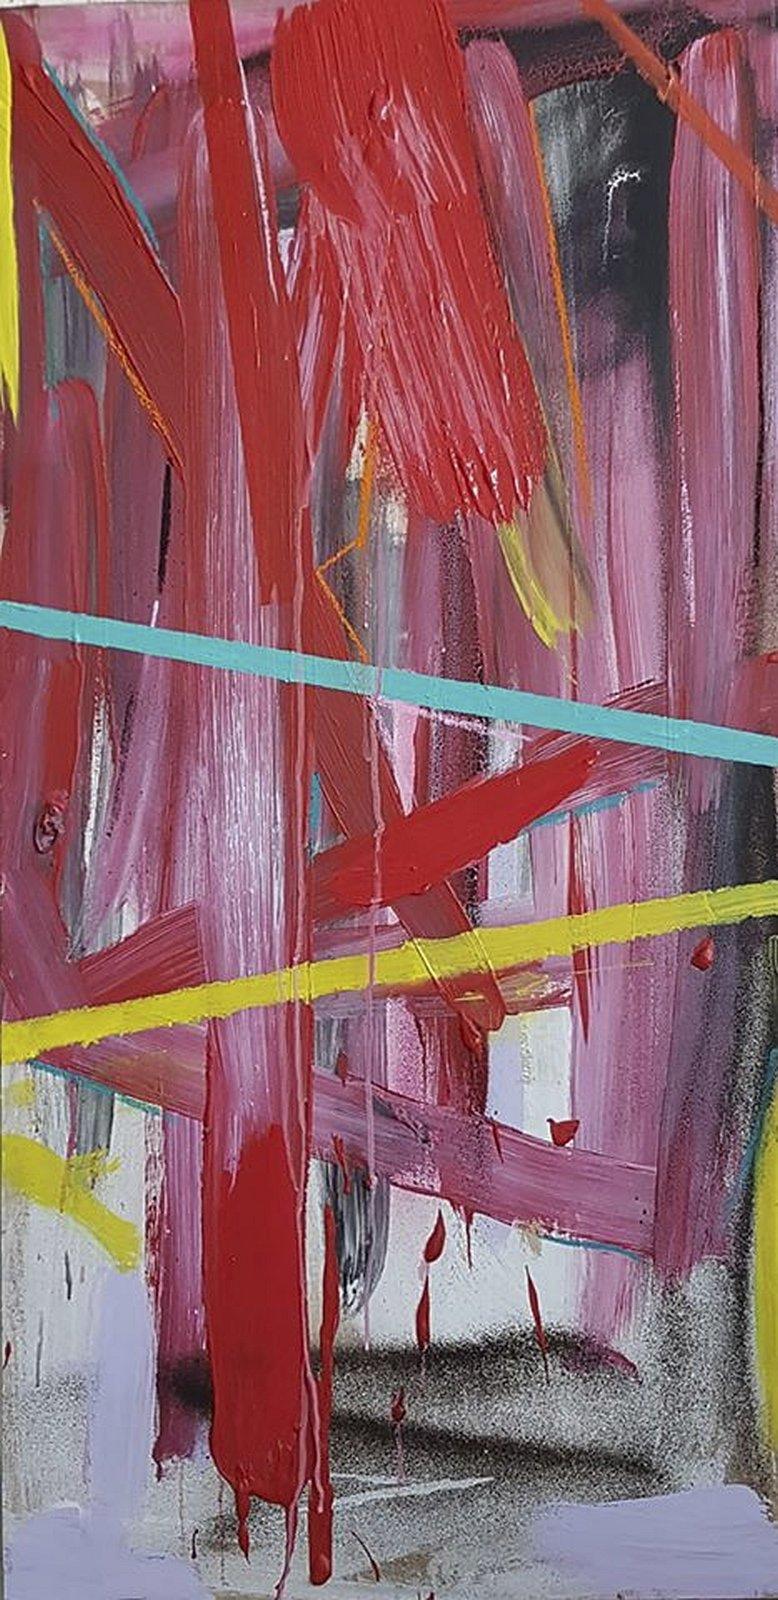 pochwala-koloru,technika-mieszana-100x50-plyta_web